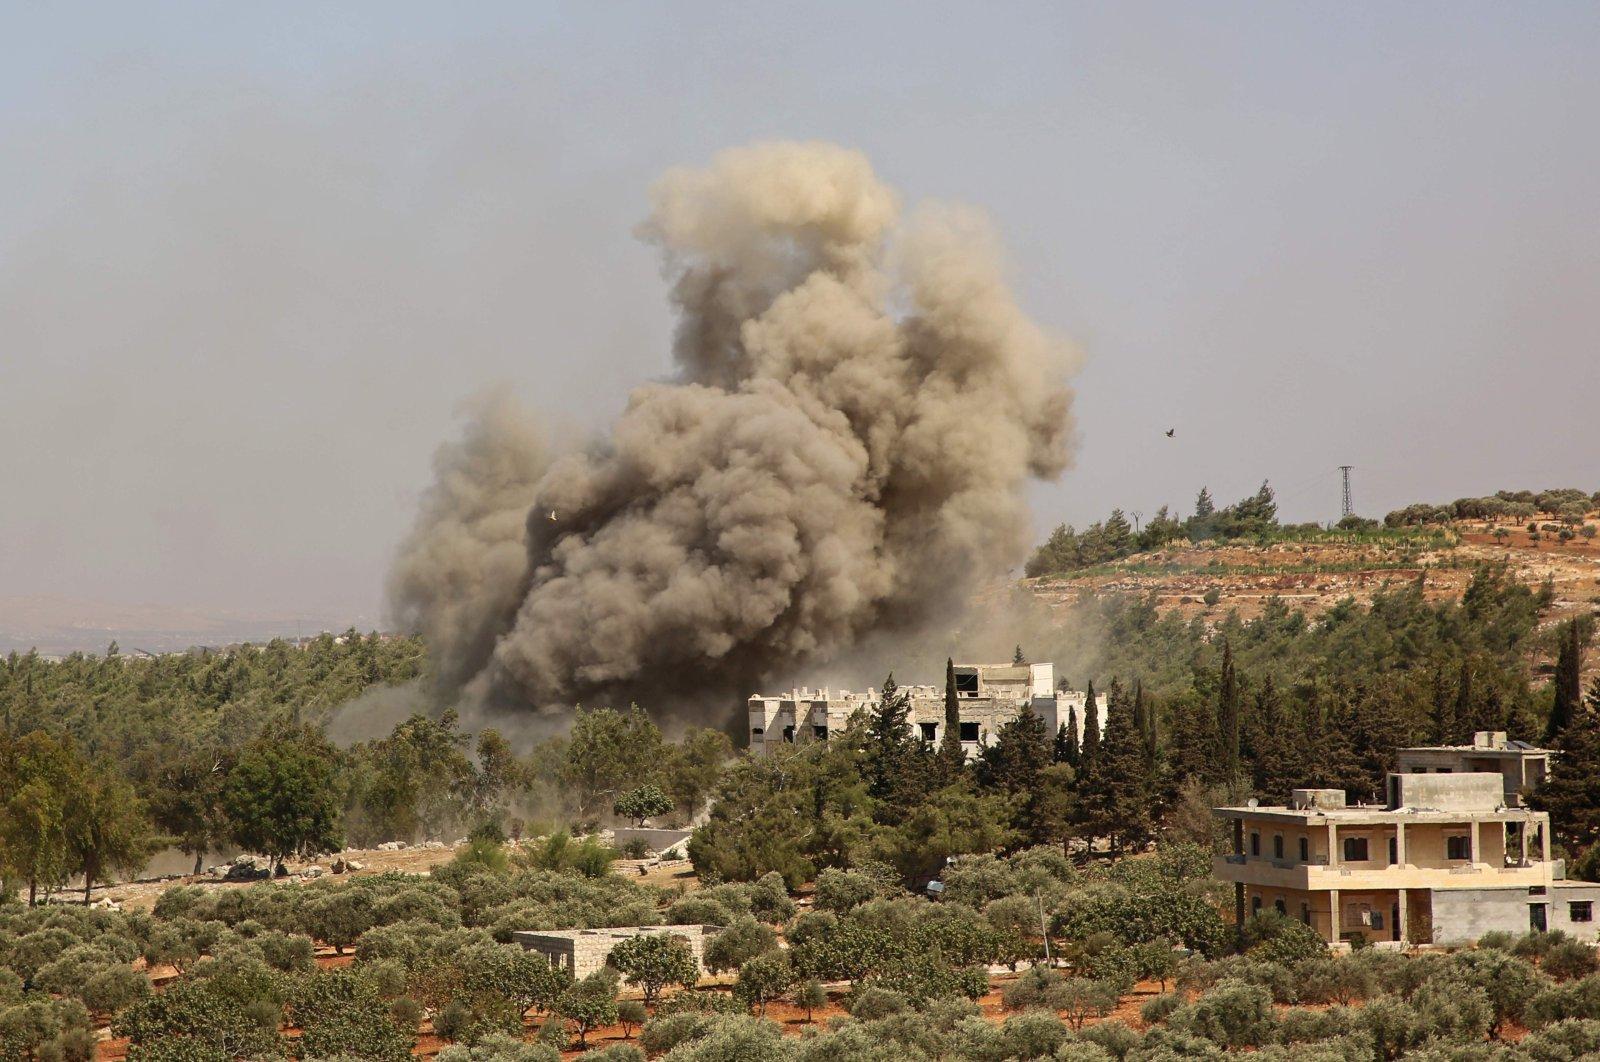 حملات شدید هوایی اسرائیل 57 جنگنده طرفدار ایران را در شرق سوریه کشته است »جنگ های جهانی